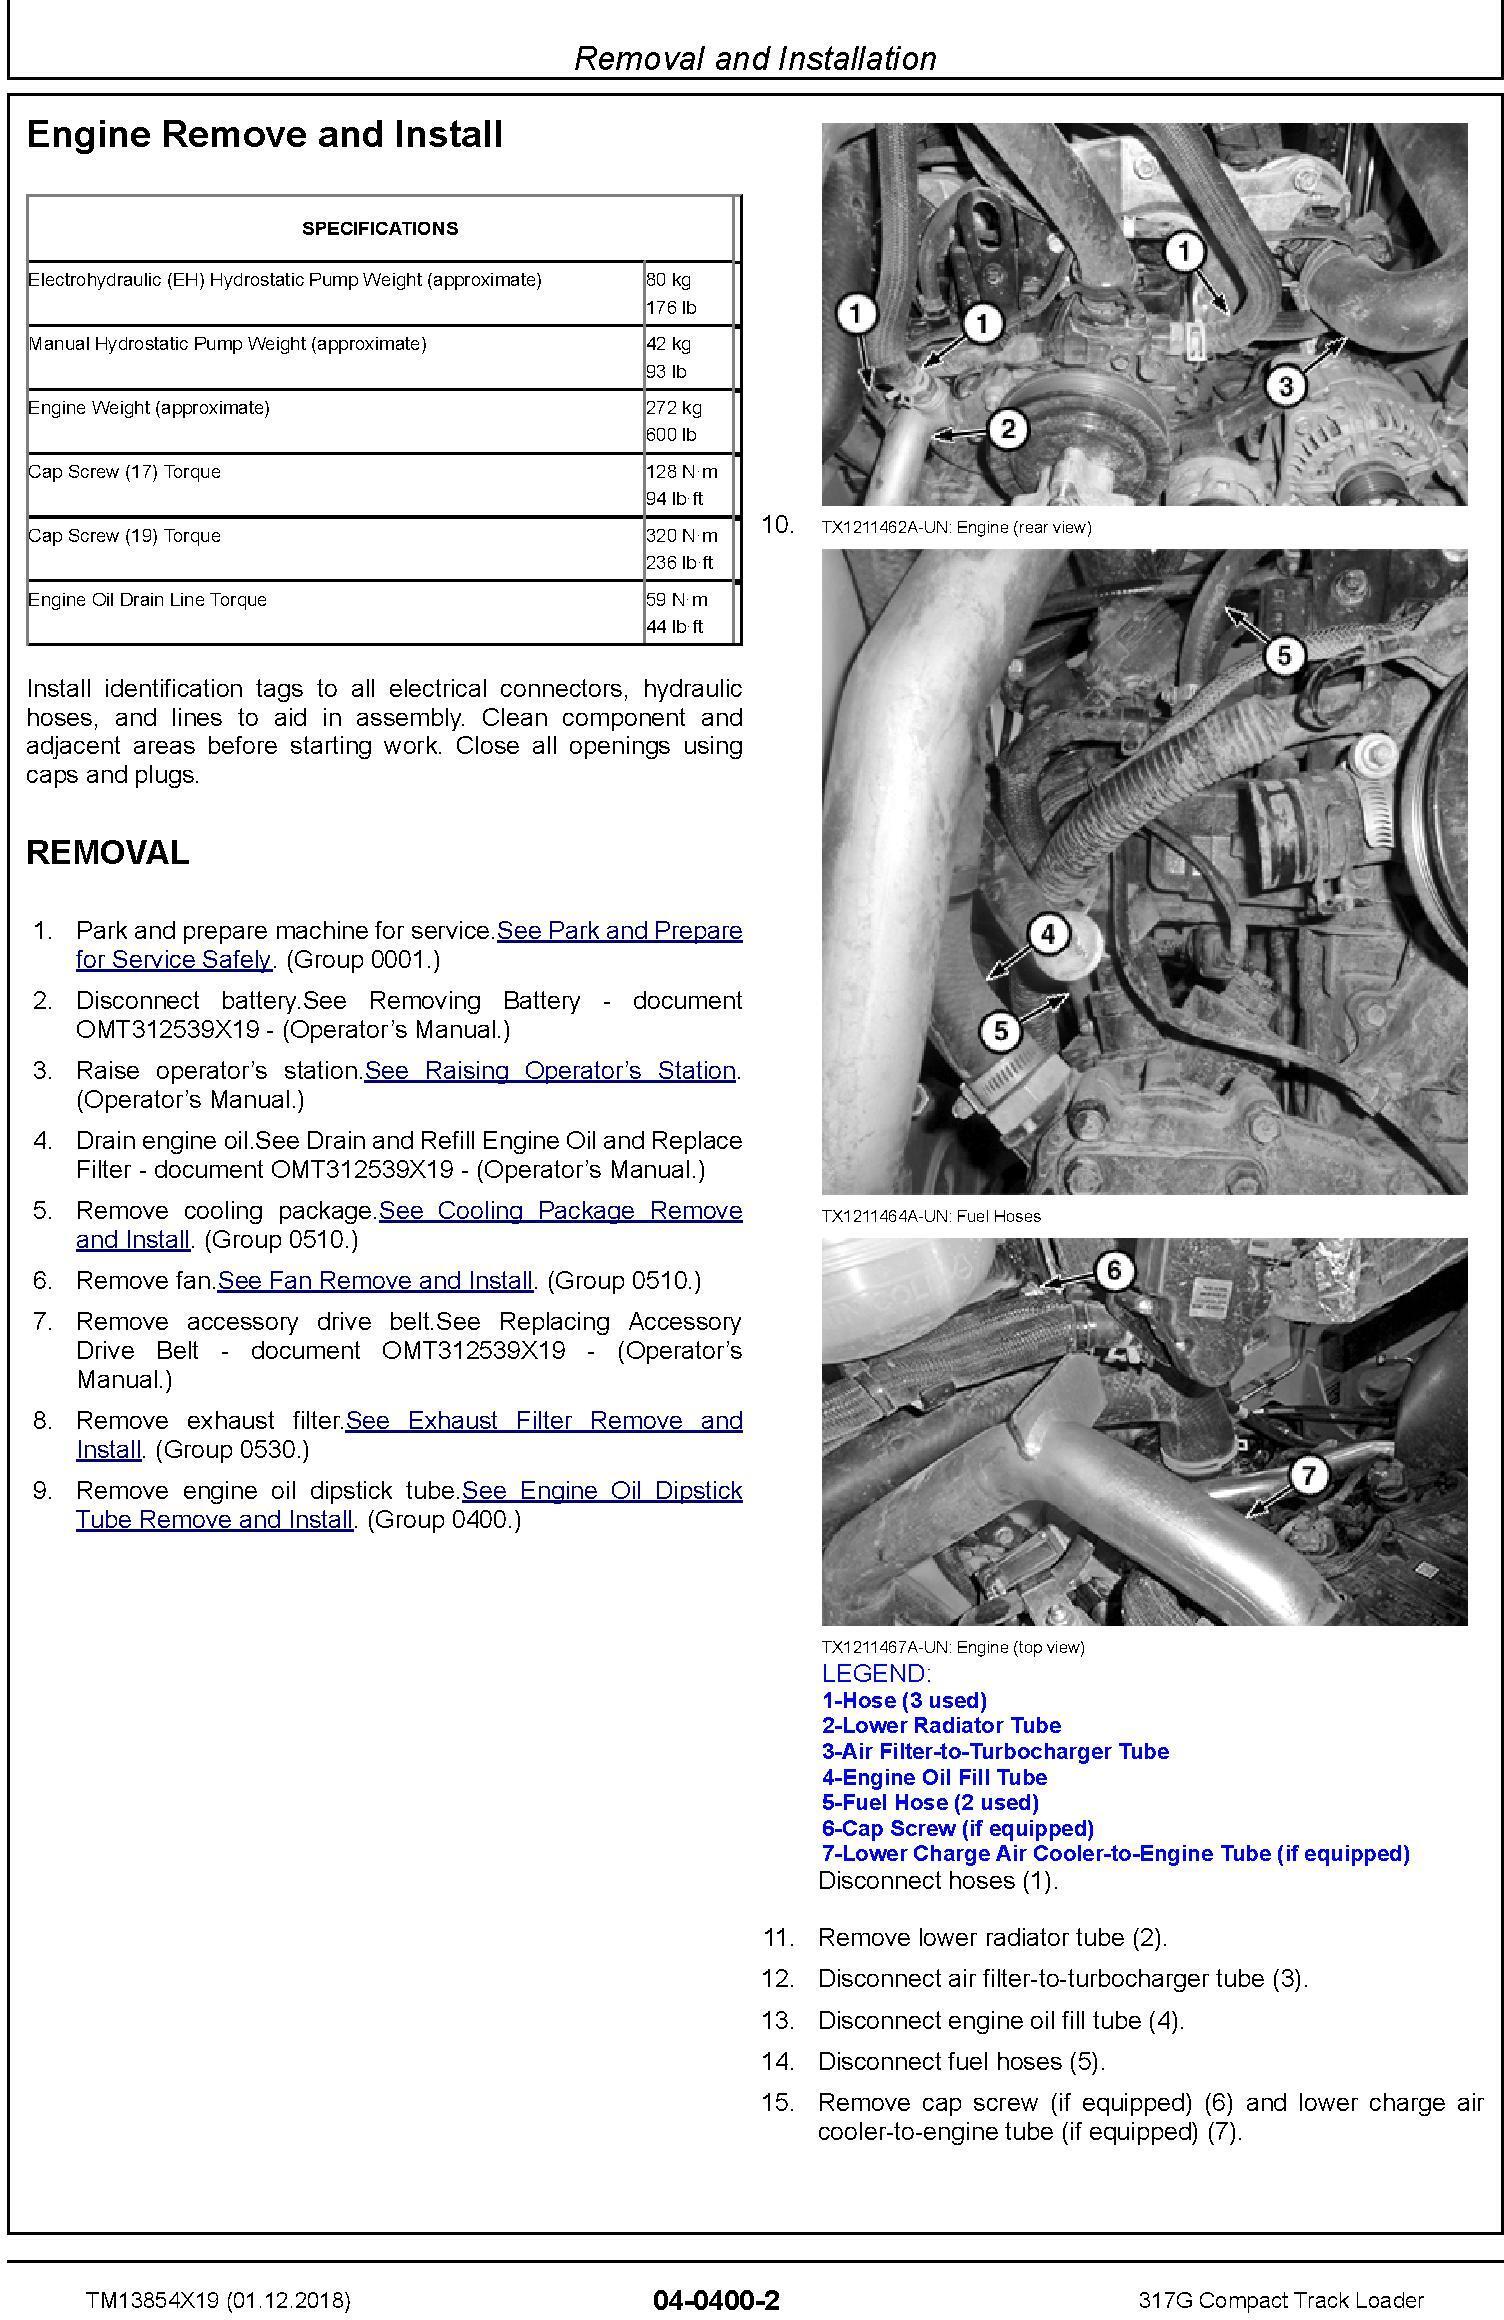 John Deere 317G Compact Track Loader Service Repair Manual